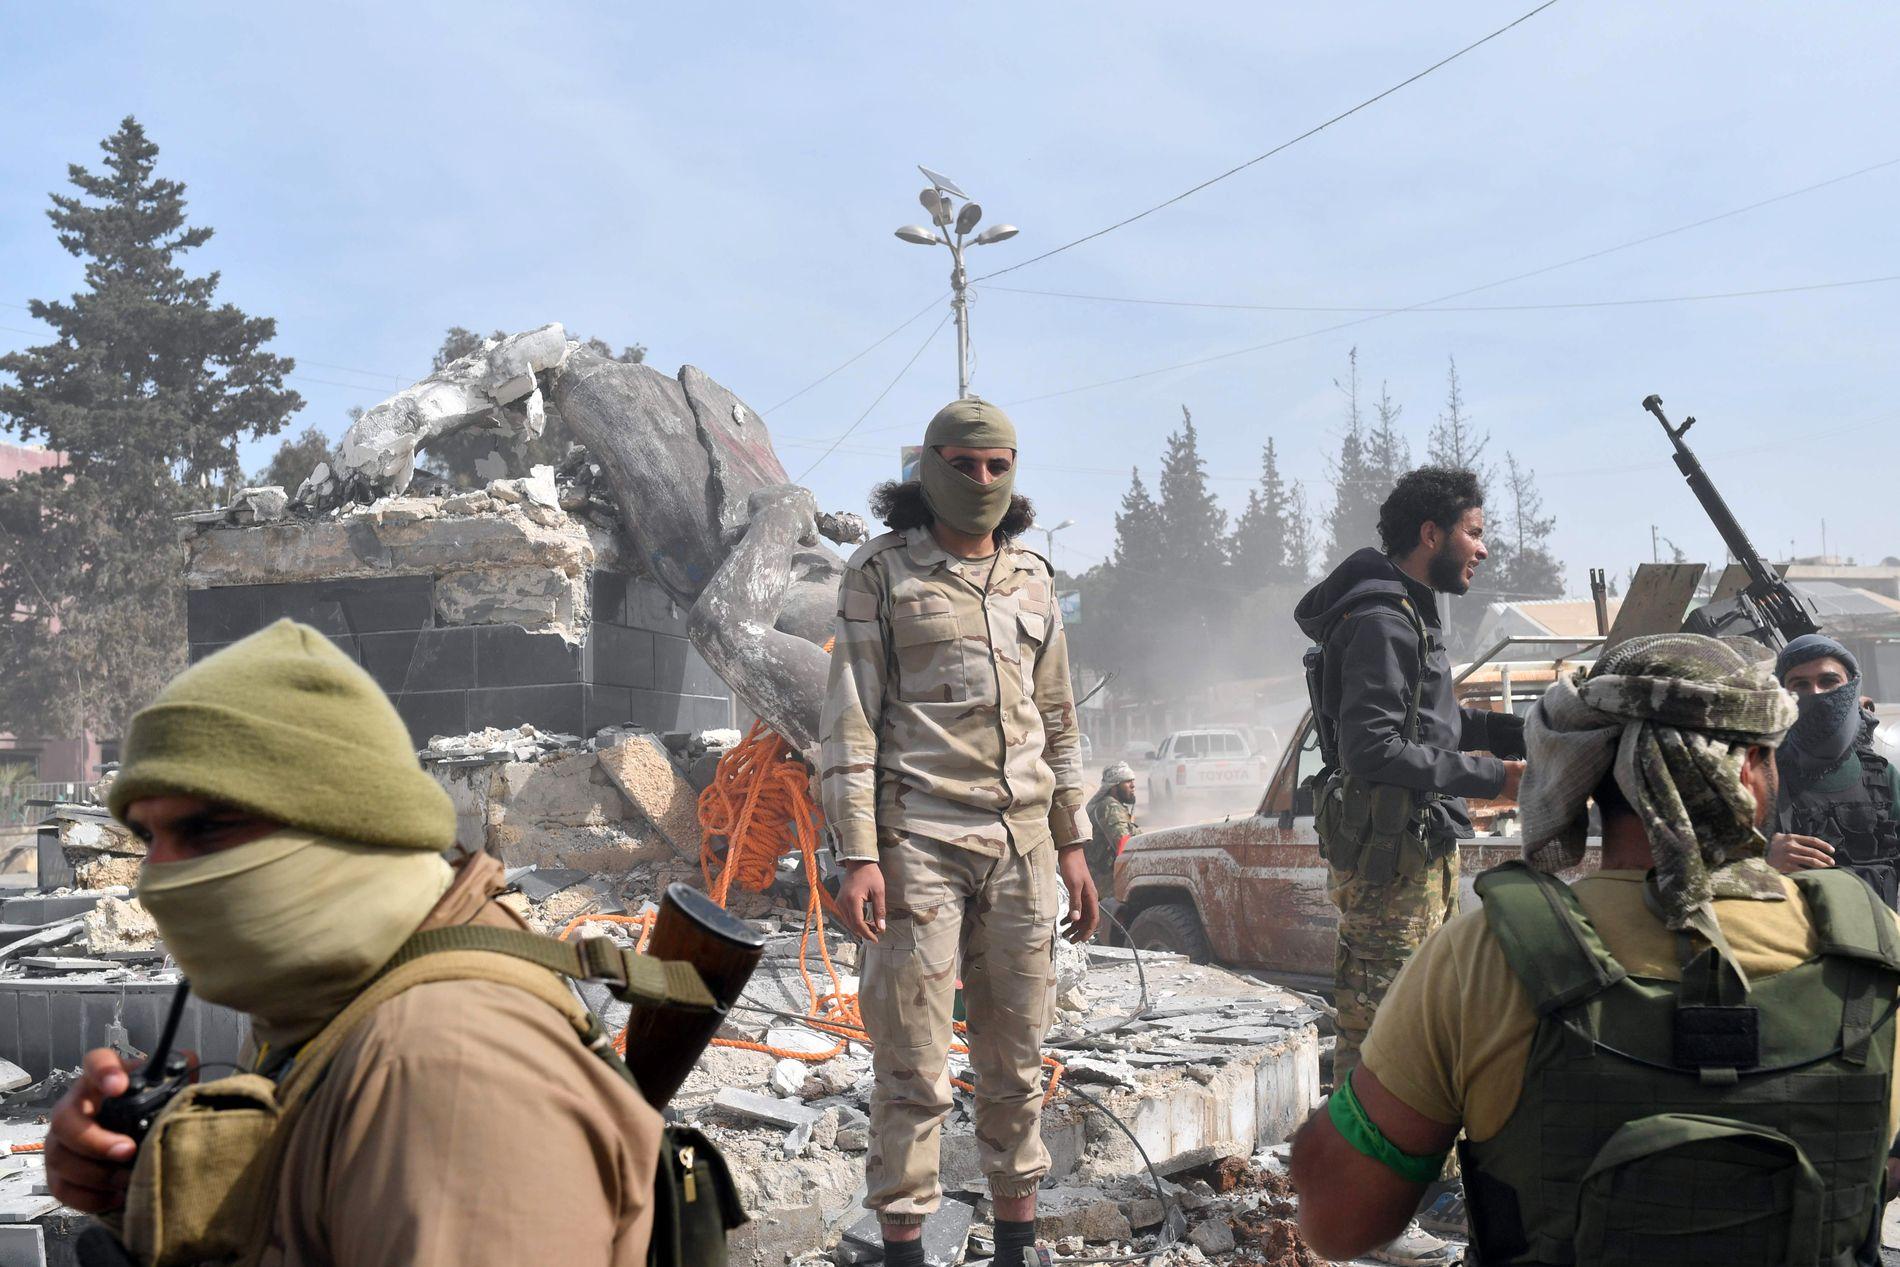 ØDELEGGELSER: Tyrkisk-støttede opprørere har samlet seg rundt en ødelagt statue i Afrin mandag.